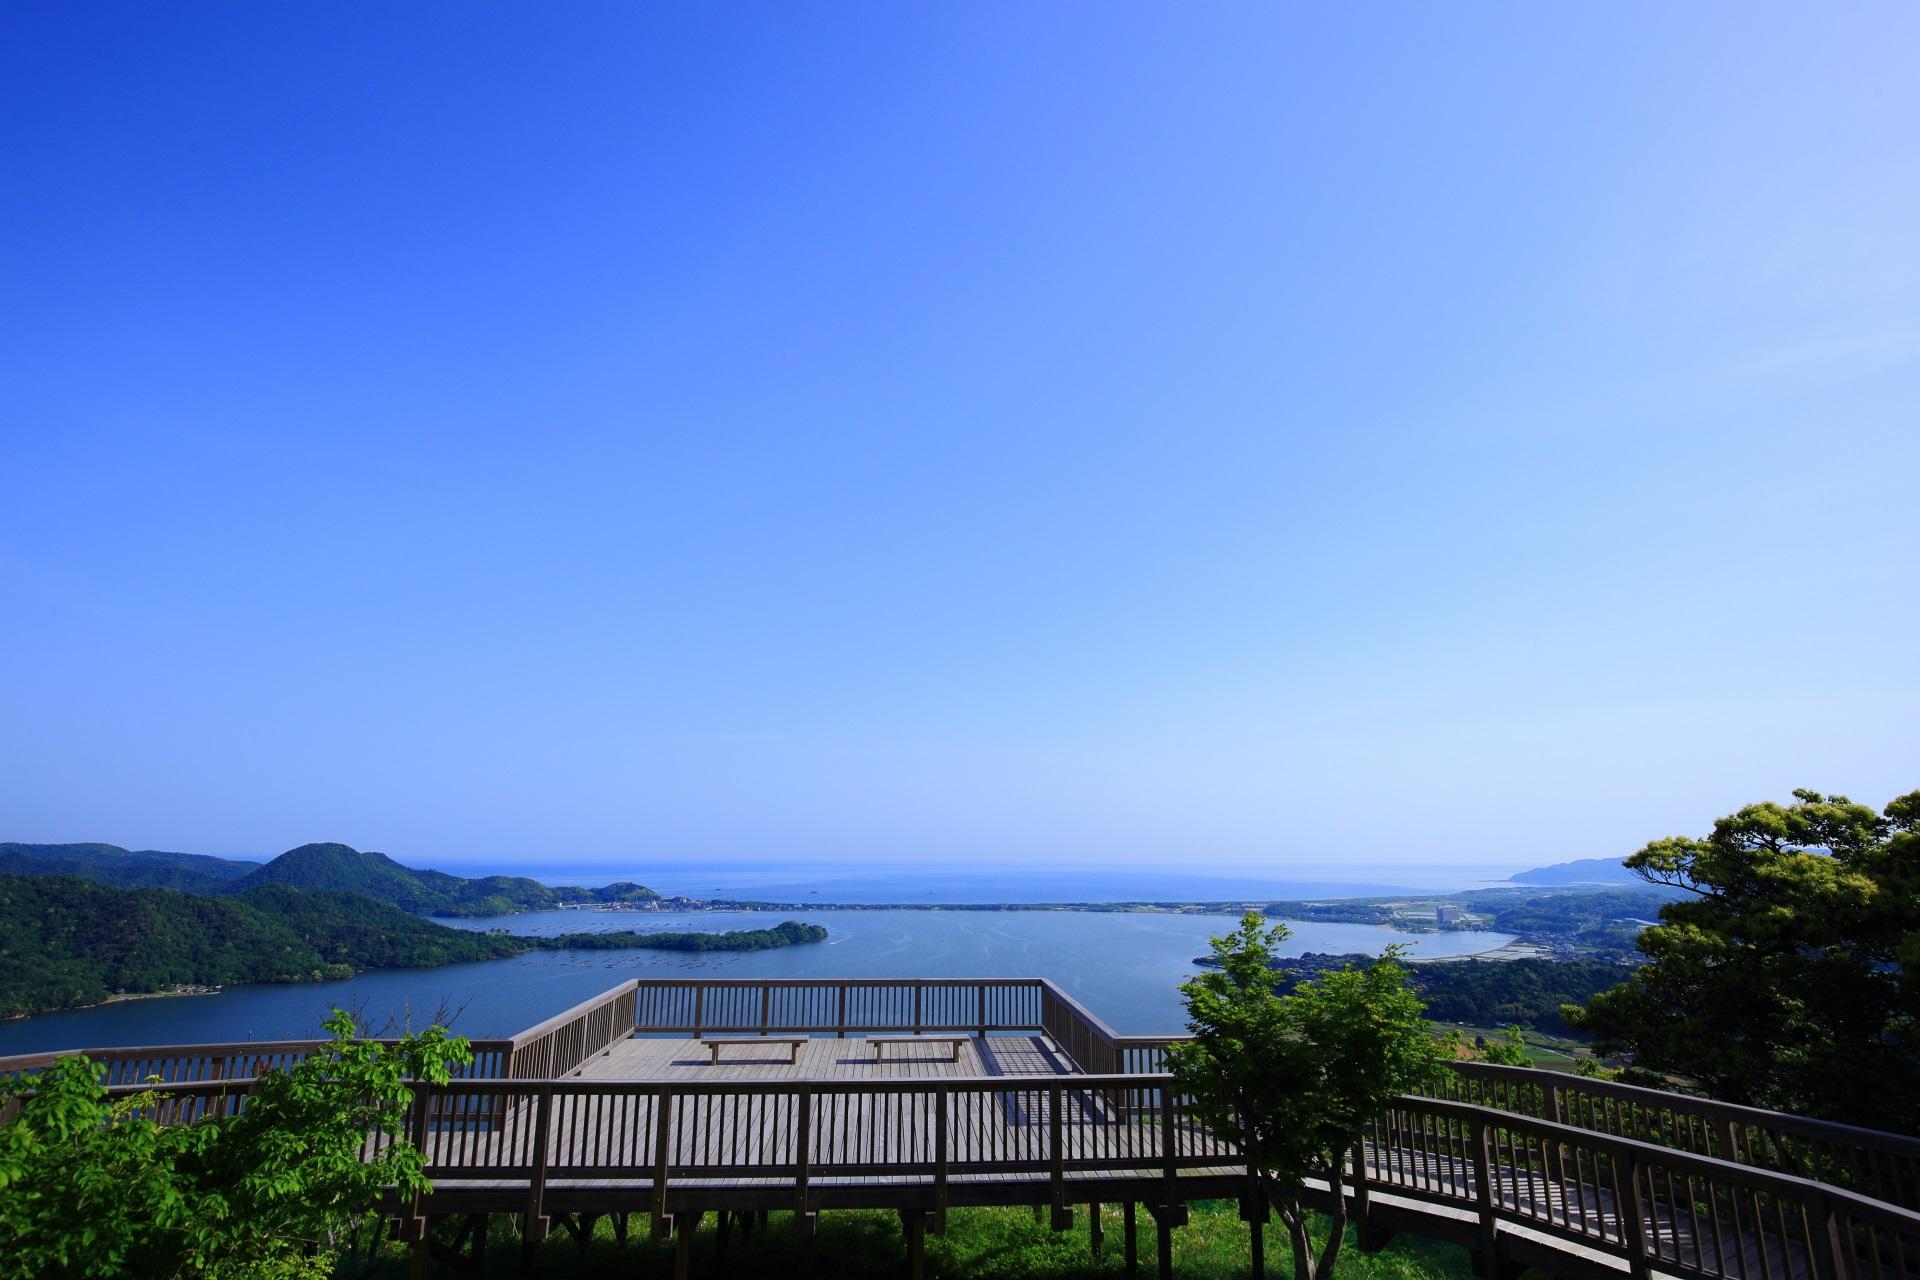 かぶと山展望台から眺める素晴らしい久美浜湾の景色や情景